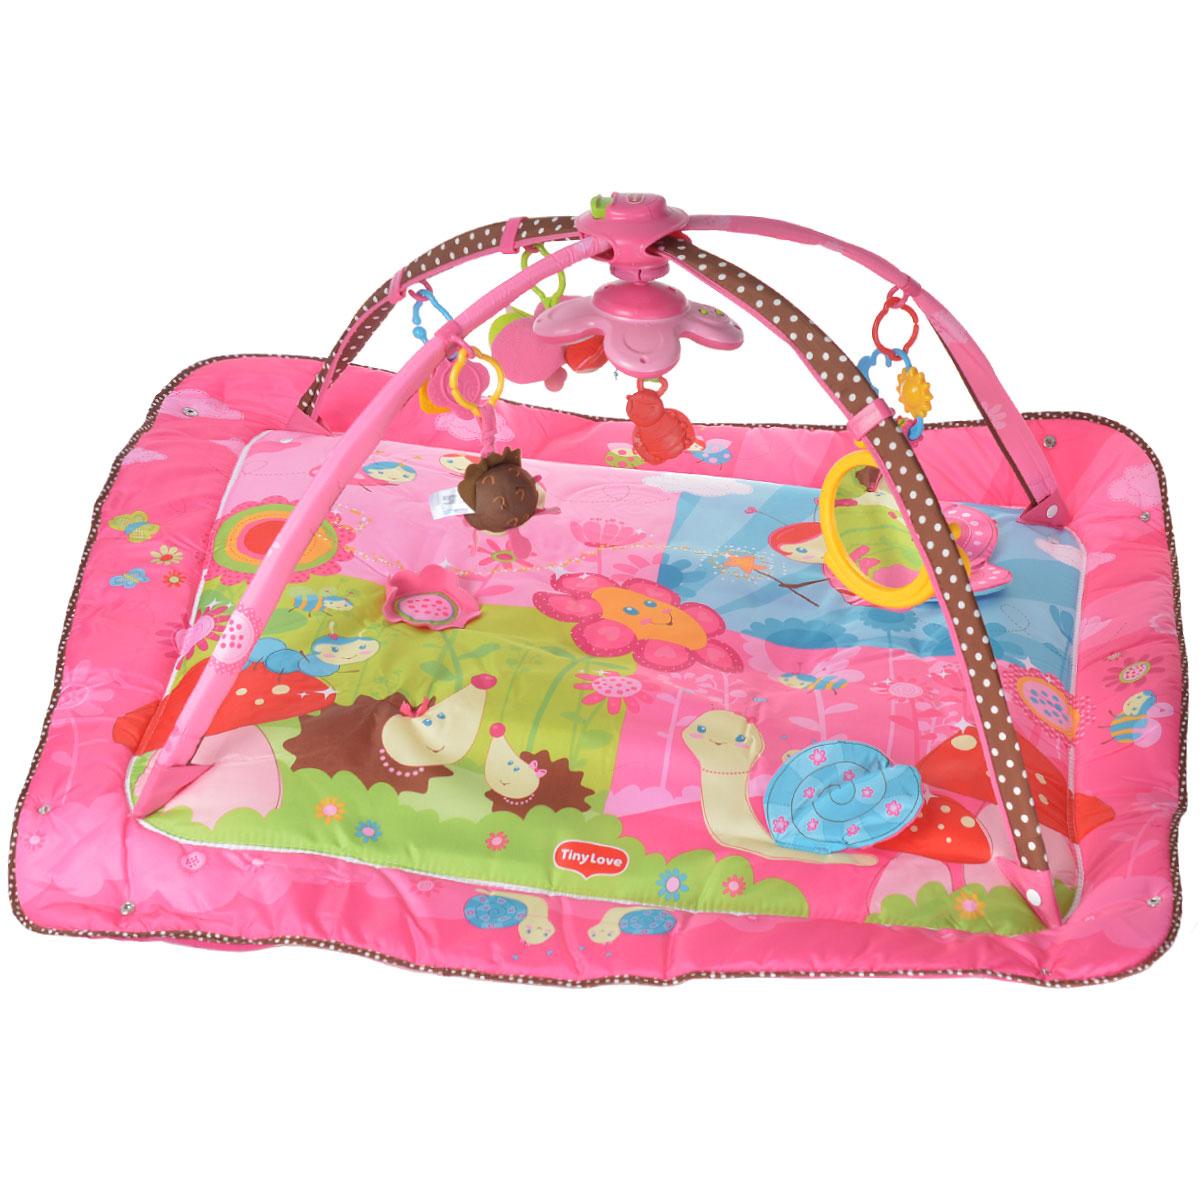 Развивающий коврик Моя принцесса, 5 в 1, цвет: розовый1202906830Развивающий коврик Моя принцесса станет первой площадкой для игр вашей малышки. Коврик Моя принцесса - это сенсорный тренажер для ориентировки малыша в пространстве, насыщенный цветами, изображениями и объемными формами, также это чудесный мир персонажей, эмоционально близких маленькому ребенку. Прямоугольный набивной коврик выполнен из мягкого и приятного на ощупь материала с яркими цветными рисунками. На поверхности коврика изображены яркие насекомые с развивающими элементами, небо и красочные цветочки. С помощью пластиковых колечек, к коврику крепятся различные развивающие элементы: безопасное зеркало, погремушка с пятью маленькими рельефными колечками, кольцо с двумя прорезывателями, две мягкие игрушки с гремящими сферами внутри. Также коврик оснащен интерактивным музыкальным мобилем с мягким прорезывателем в виде божьей коровки и семью мелодиями. Коврик оборудован двумя съемными дугами, крепление которых можно легко передвигать в любую сторону, обеспечивая...